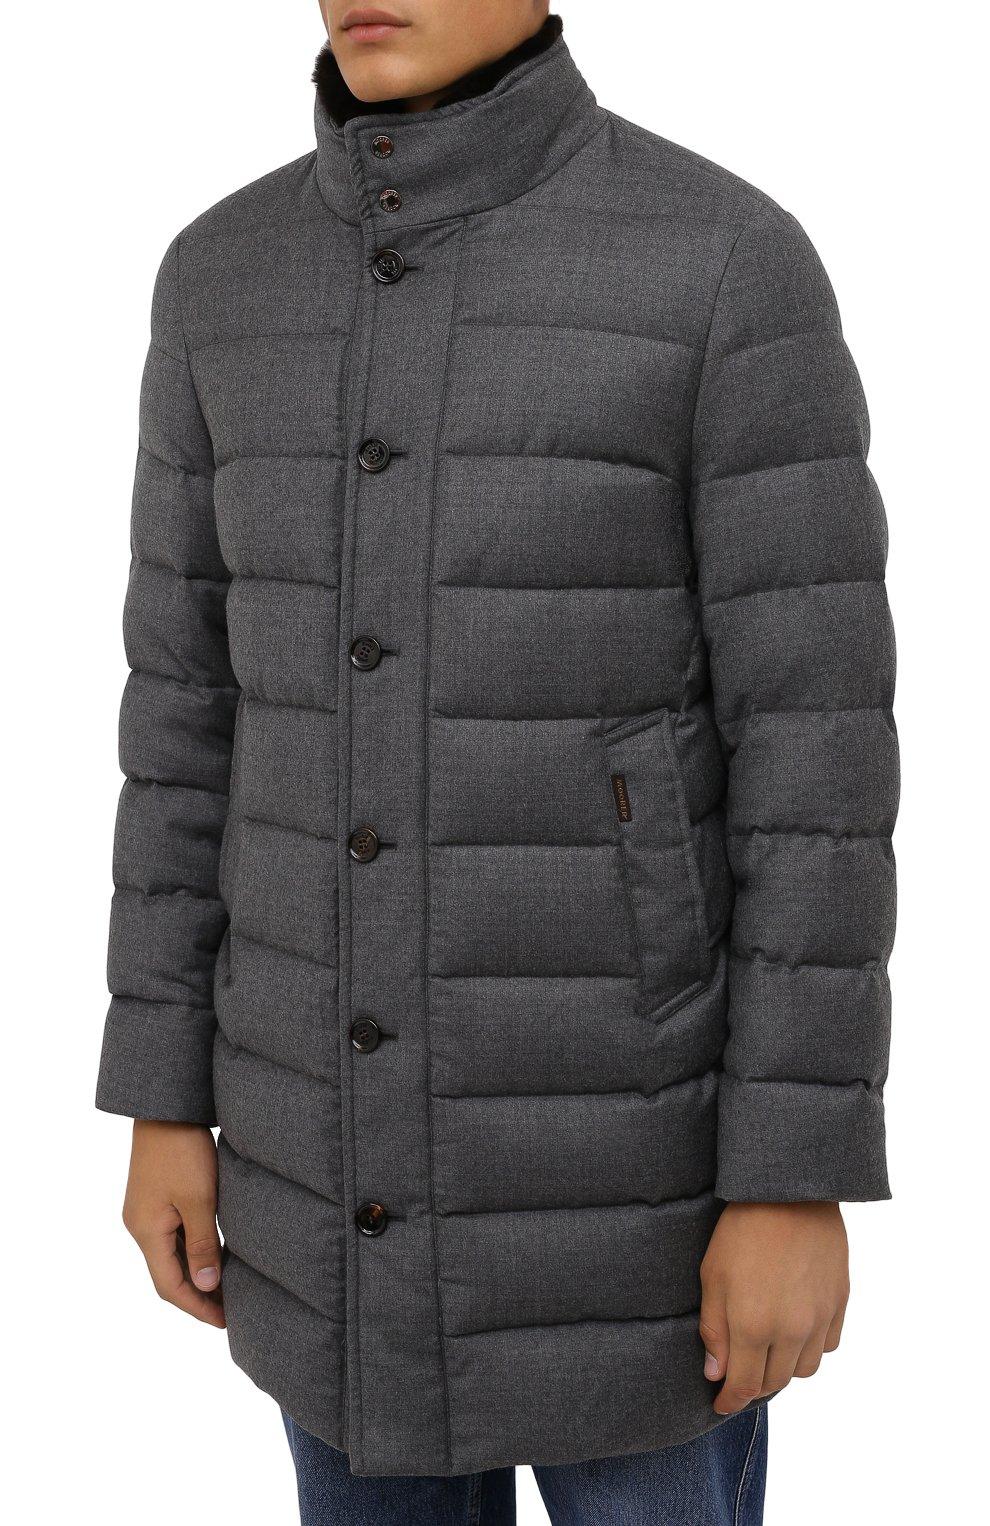 Мужская пуховик из шерсти и кашемира alfieri-fur-l MOORER серого цвета, арт. ALFIERI-FUR-L/M0UGI100104-TEPA217 | Фото 3 (Кросс-КТ: Куртка; Мужское Кросс-КТ: пуховик-короткий; Материал внешний: Шерсть; Рукава: Длинные; Длина (верхняя одежда): До середины бедра; Материал утеплителя: Пух и перо; Стили: Кэжуэл)